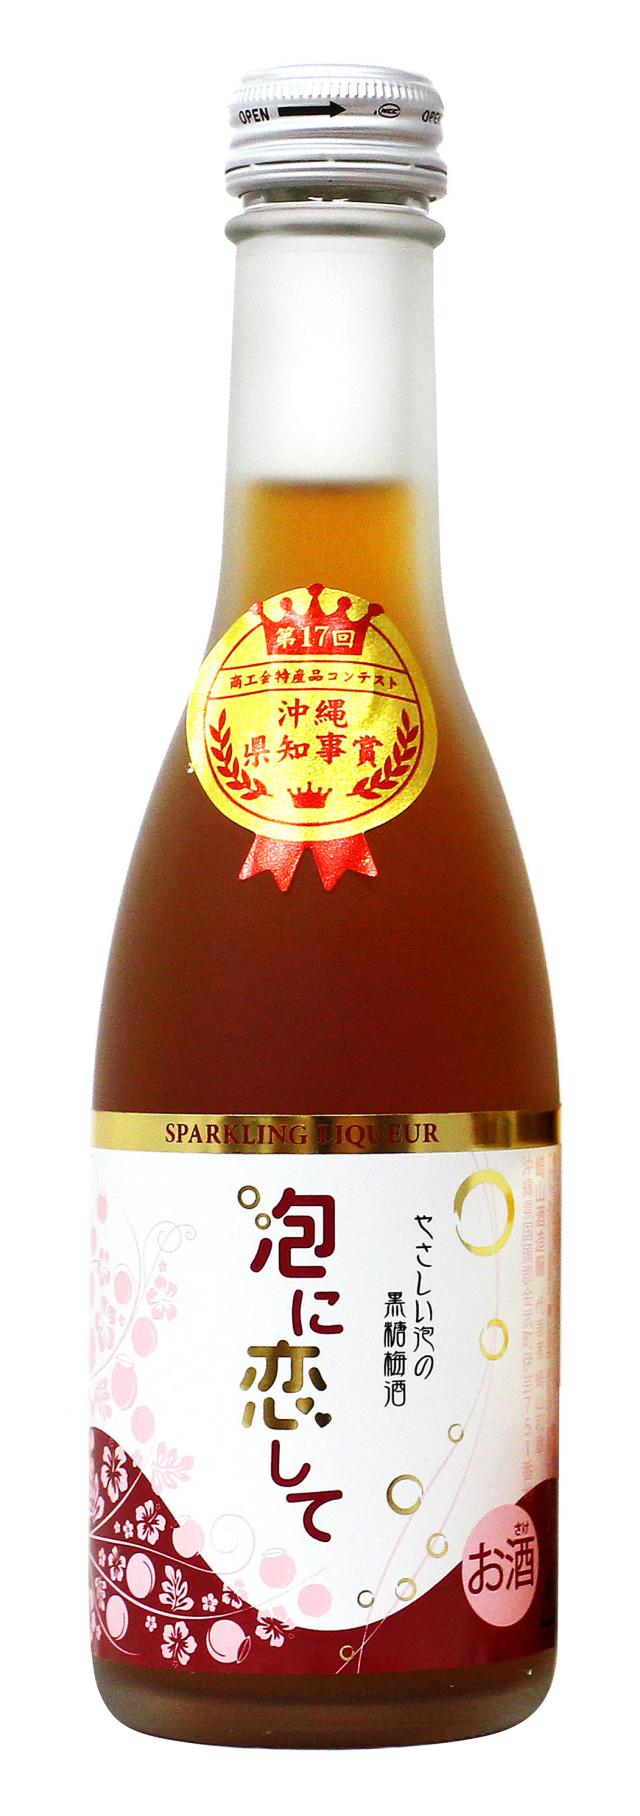 スパークリング梅酒 泡に恋して (黒糖梅酒) (250ml)